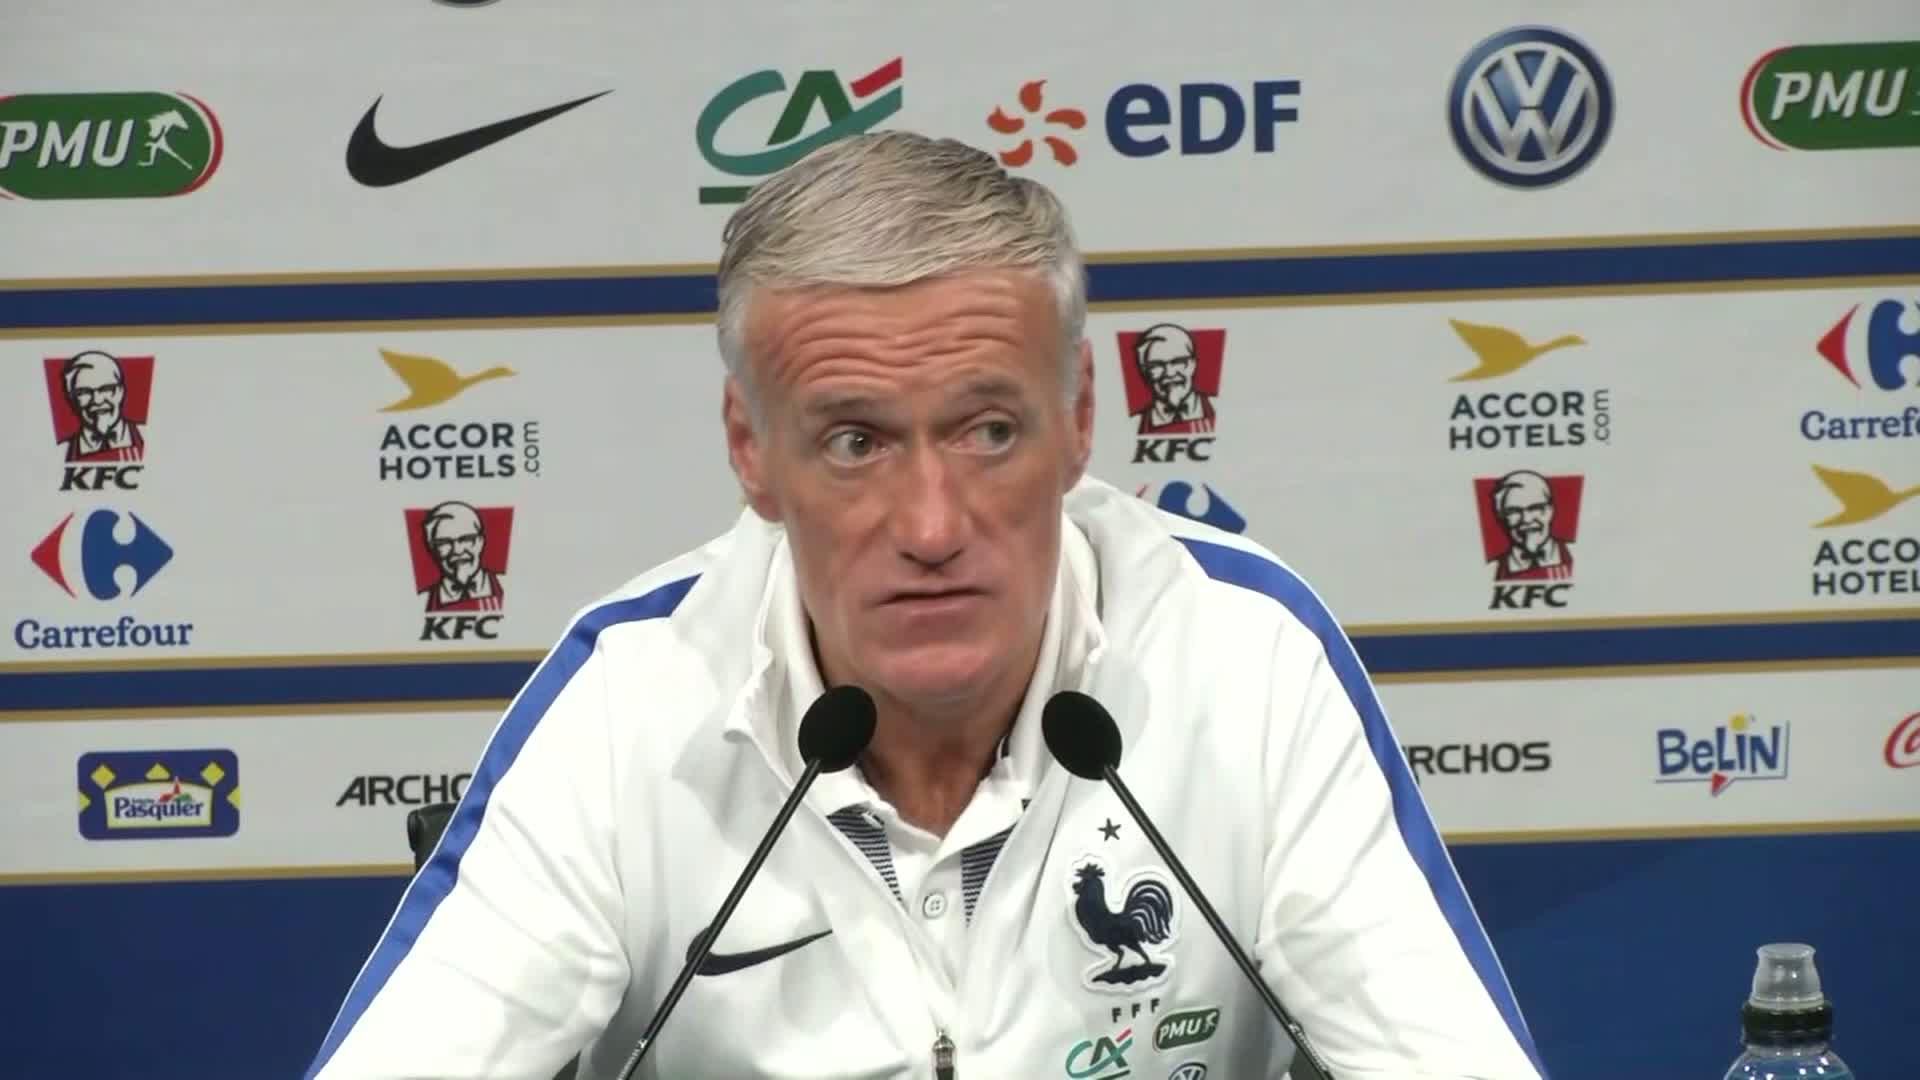 Deschamps Mbappé fait des choses que les autres joueurs ne font pas...Rabiot Il m'a profondément déçu